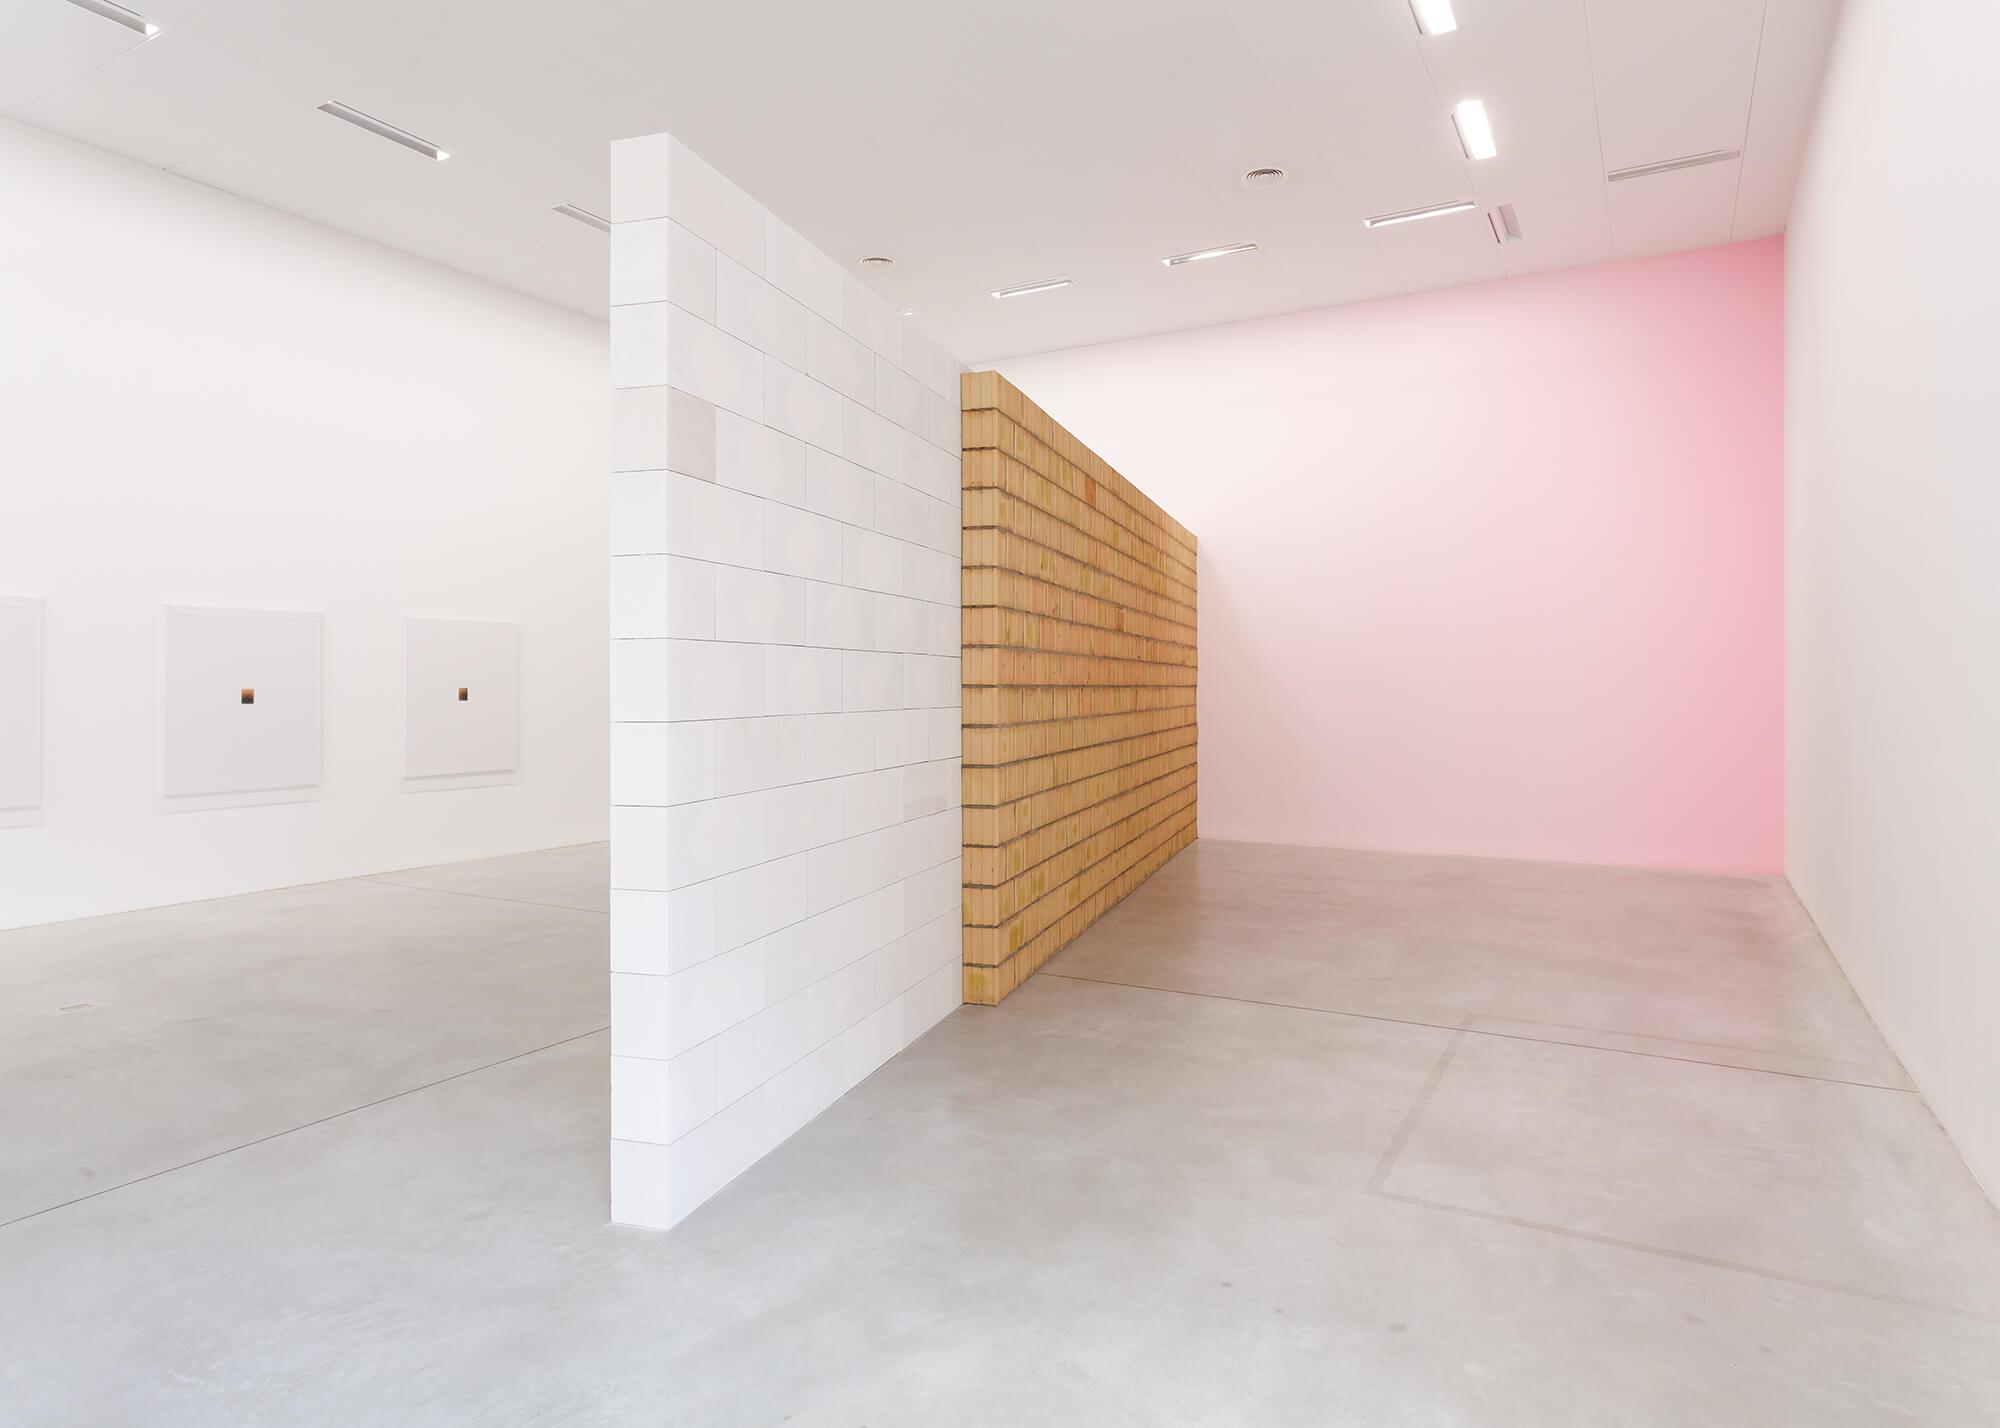 Exhibition view:Pieter Vermeersch, M – Museum Leuven, Leuven, Belgium, 2019 |  | ProjecteSD